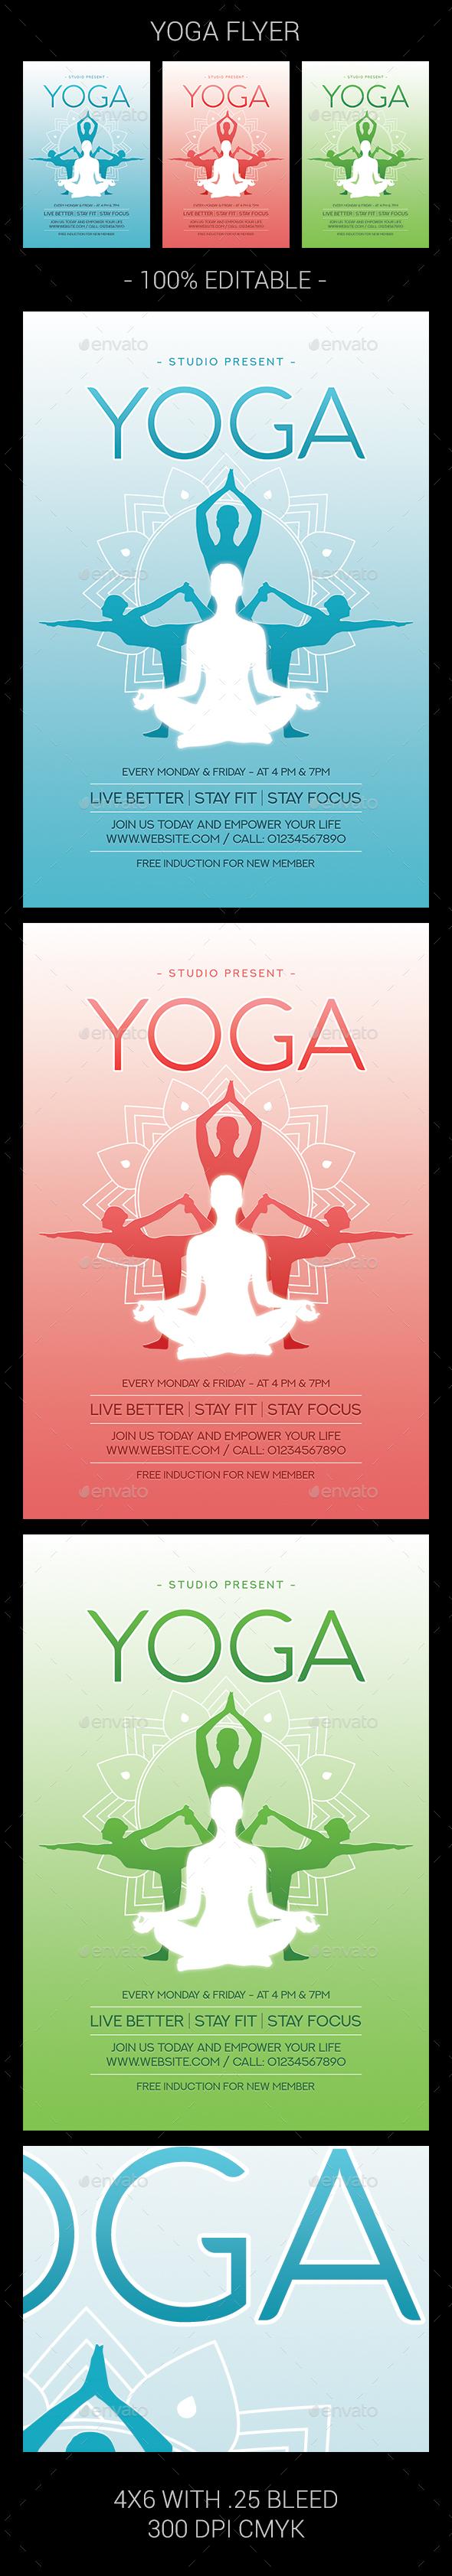 Yoga Flyer - Flyers Print Templates